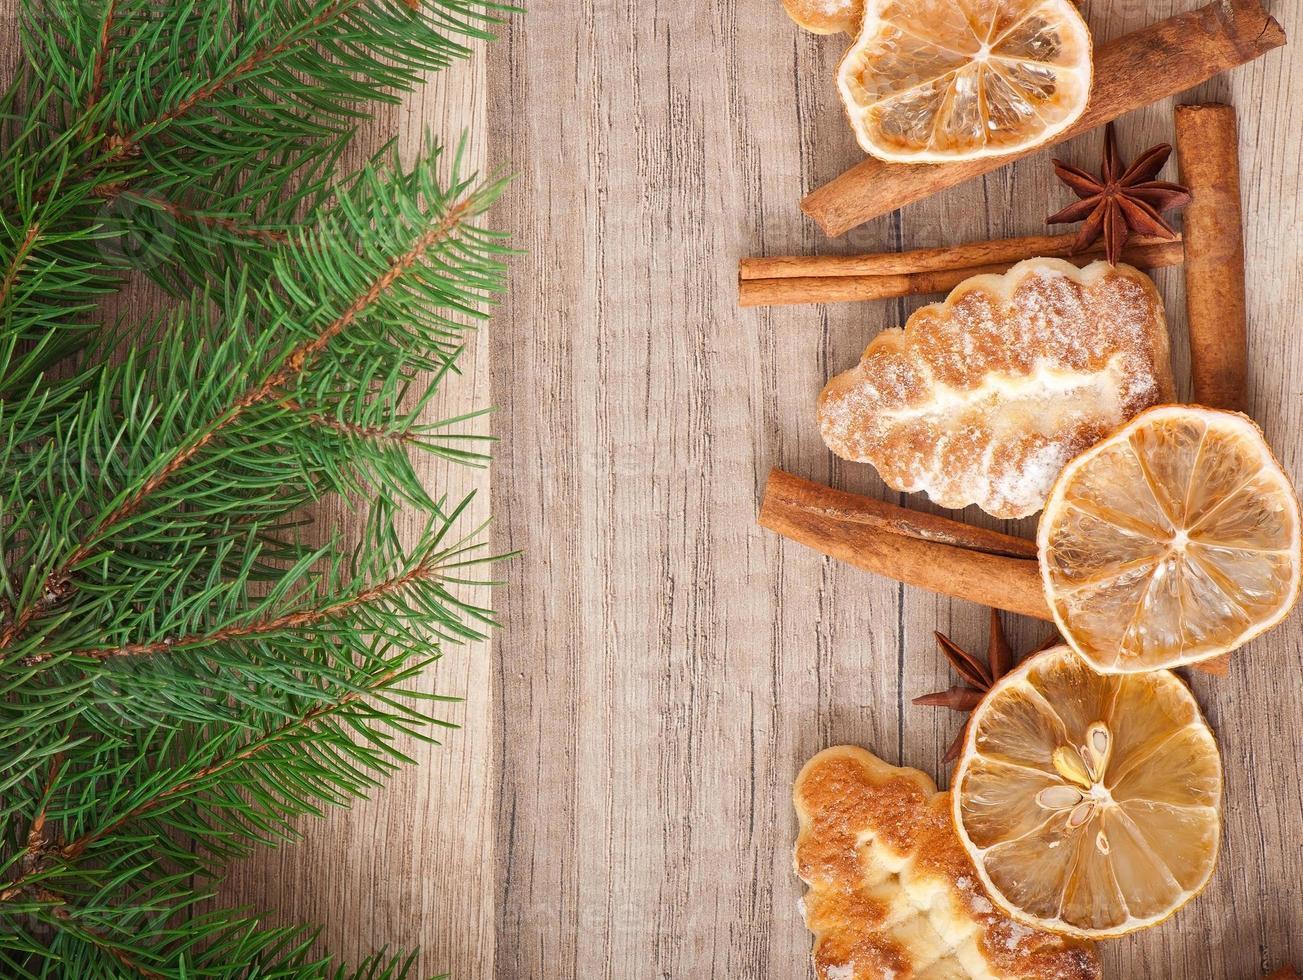 décoration de Noël avec sapin sur fond de bois photo